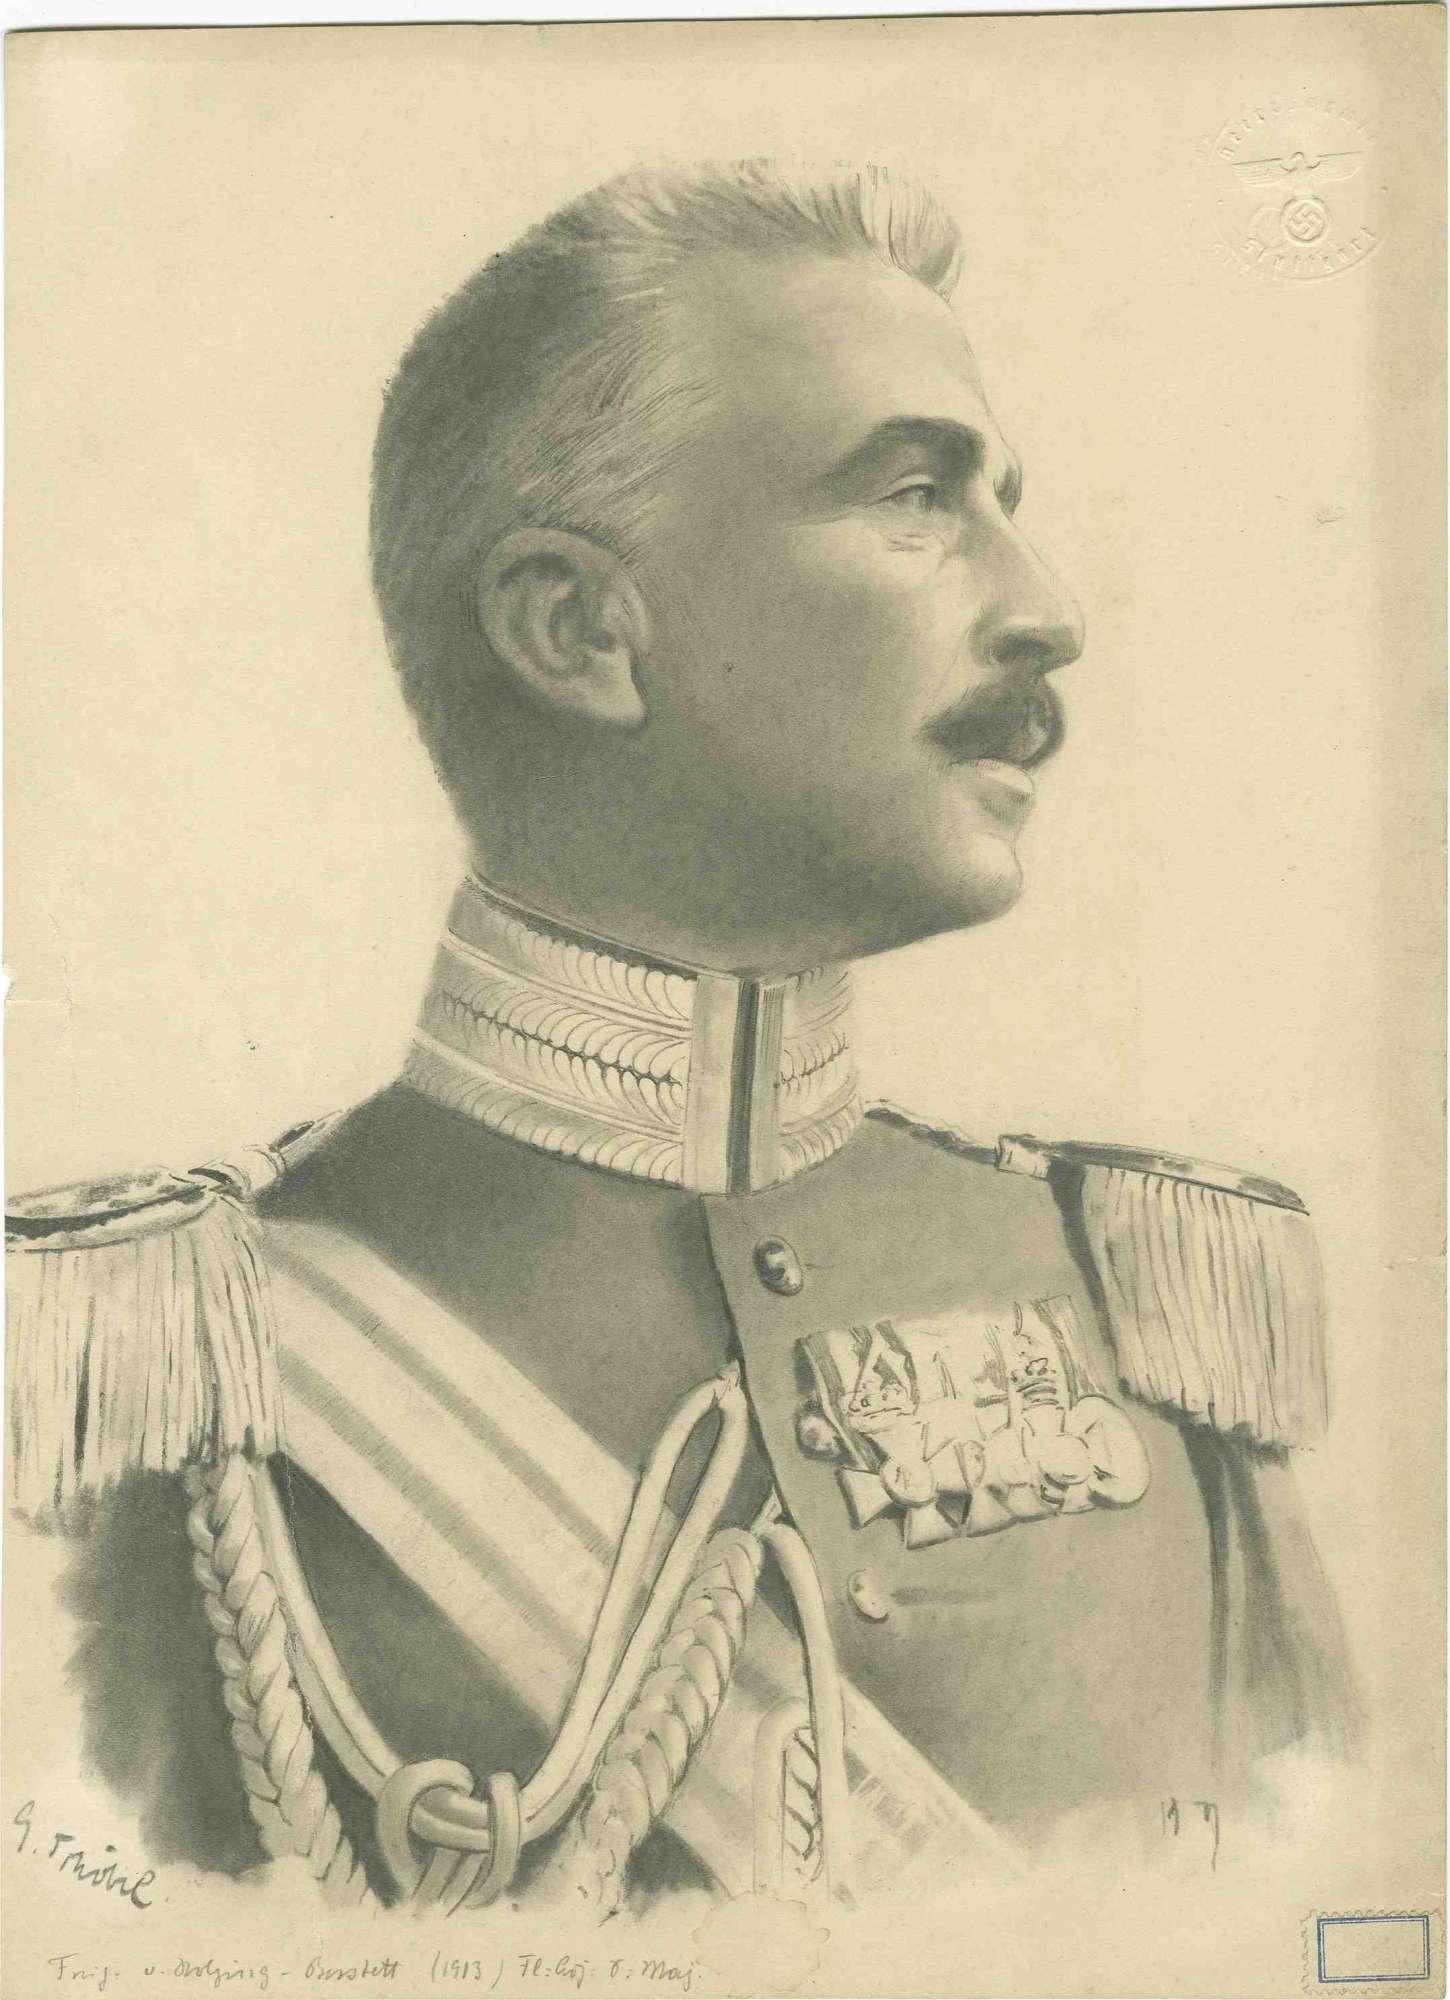 Freiherr Max von Holzing-Berstett, Generalmajor in Uniform, Schärpe und Orden, Brustbild in Pofil, Bild 1